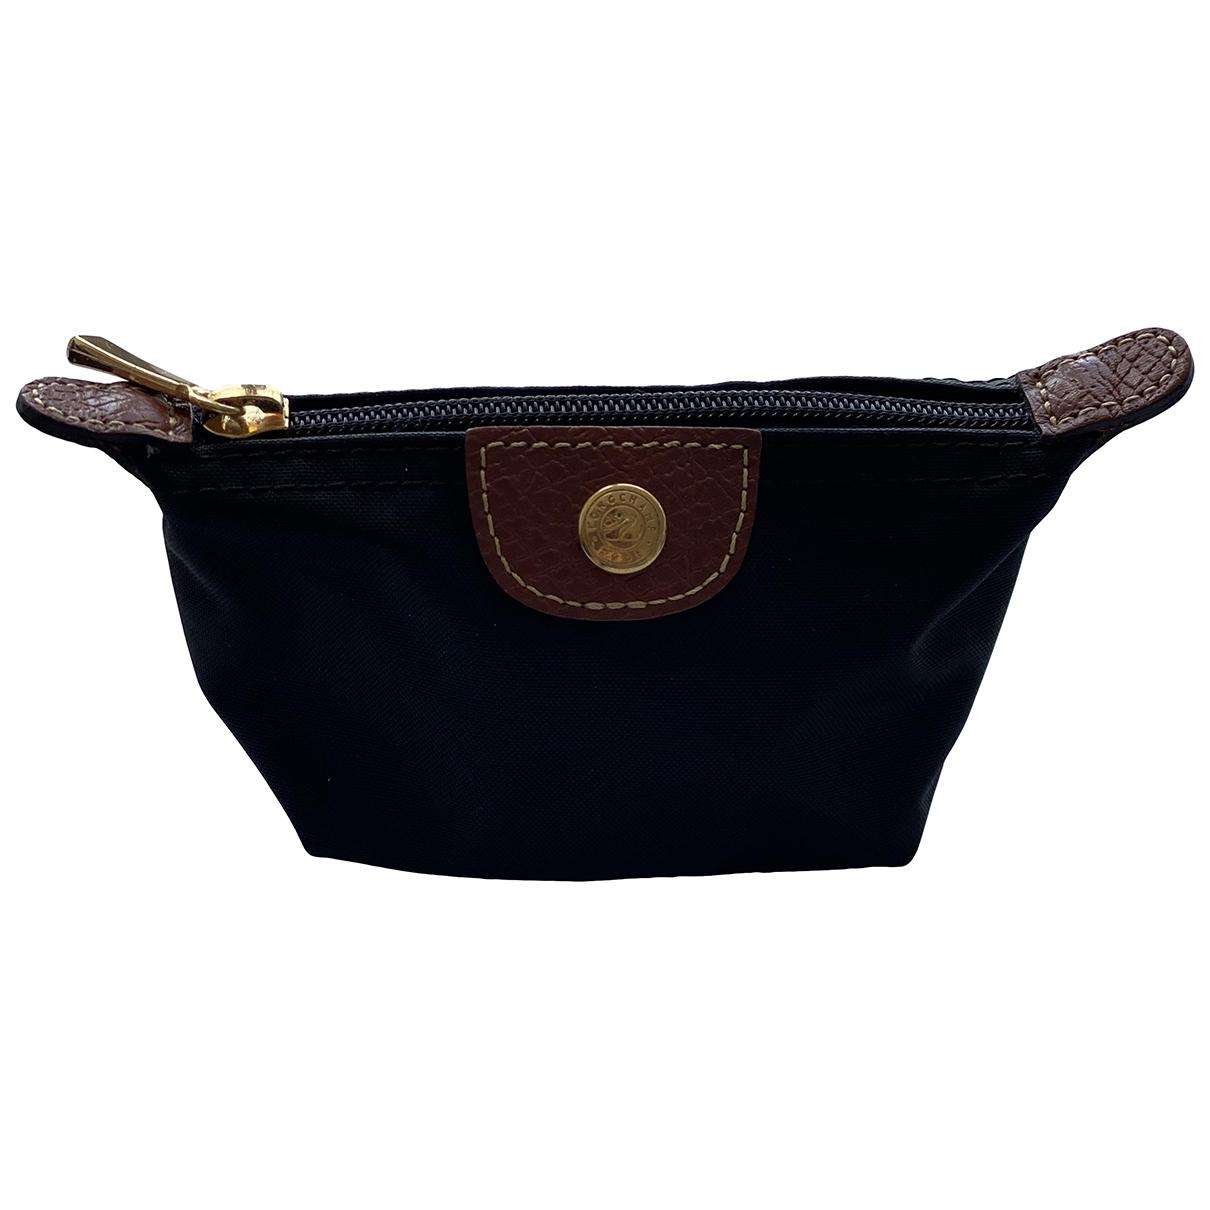 Longchamp - Portefeuille   pour femme en autre - noir